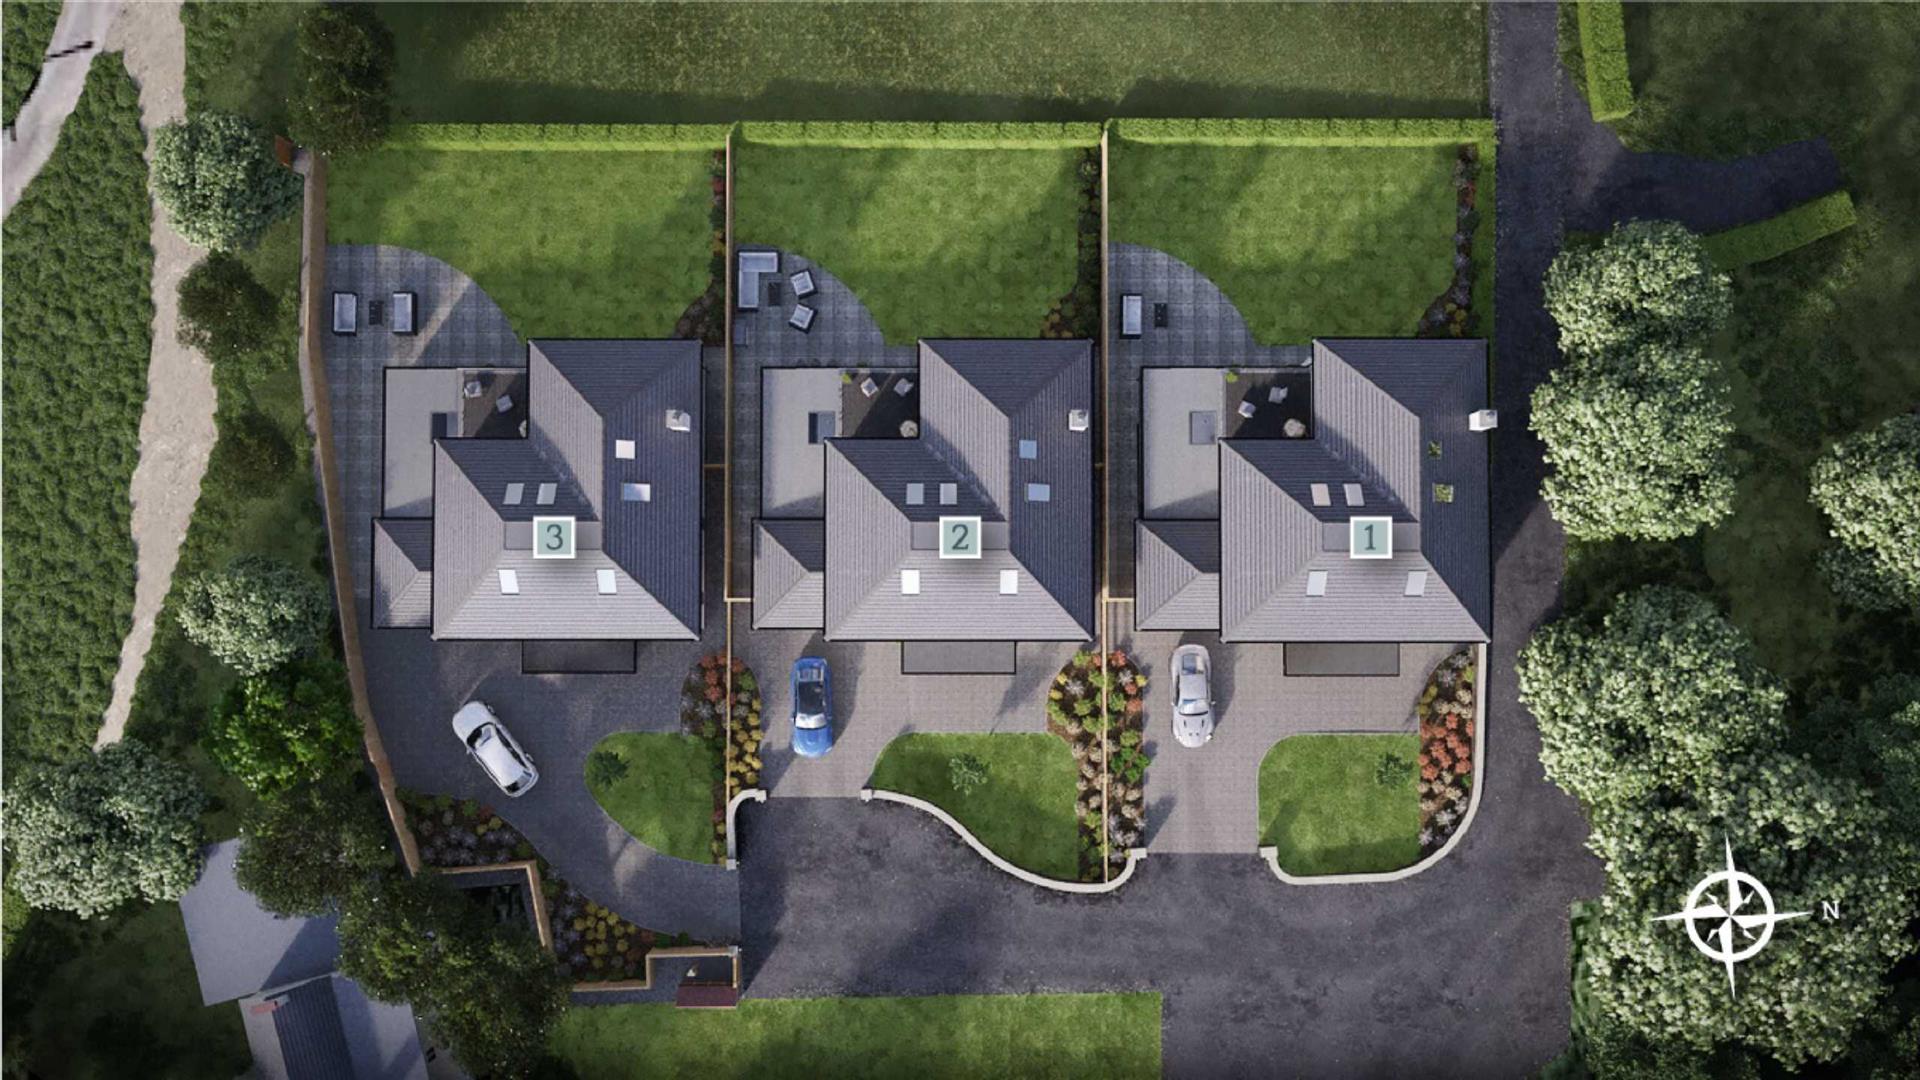 Emmanuel Court, Horton Gower, Swansea, SA3 1LB